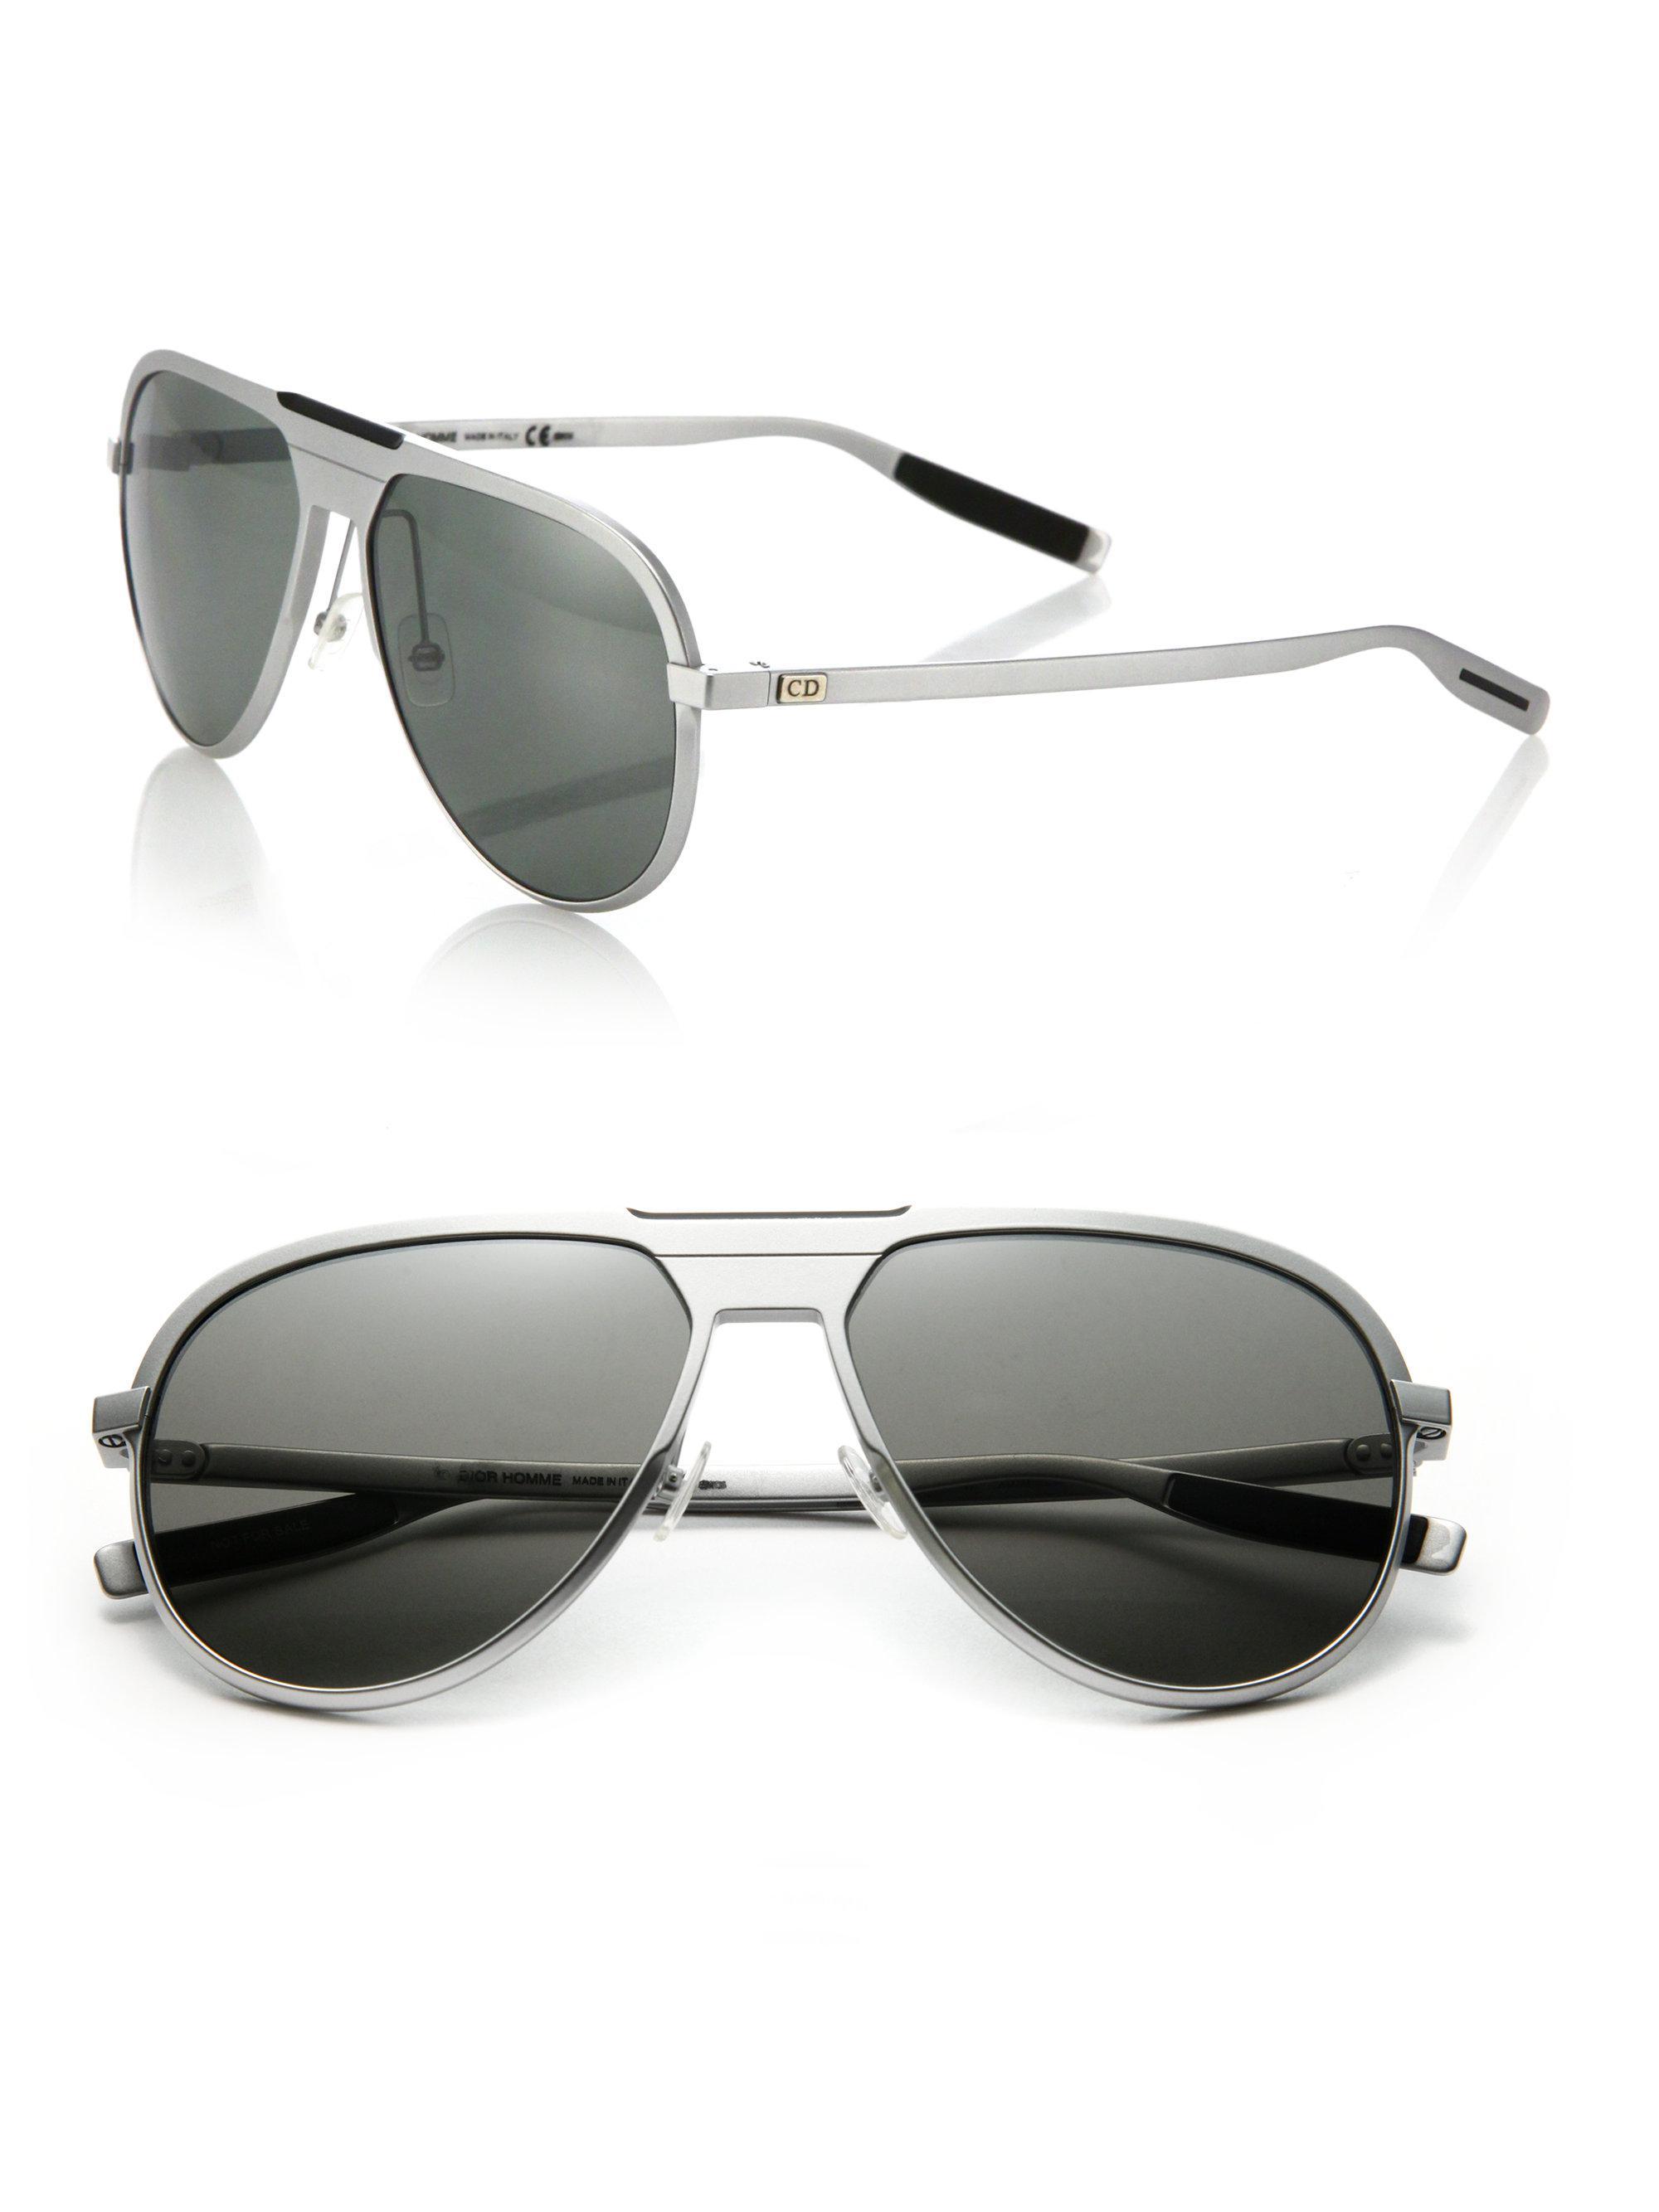 7e7fdffea2e Lyst - Dior Homme 136 s 59mm Mirror Aviator Sunglasses in Metallic ...